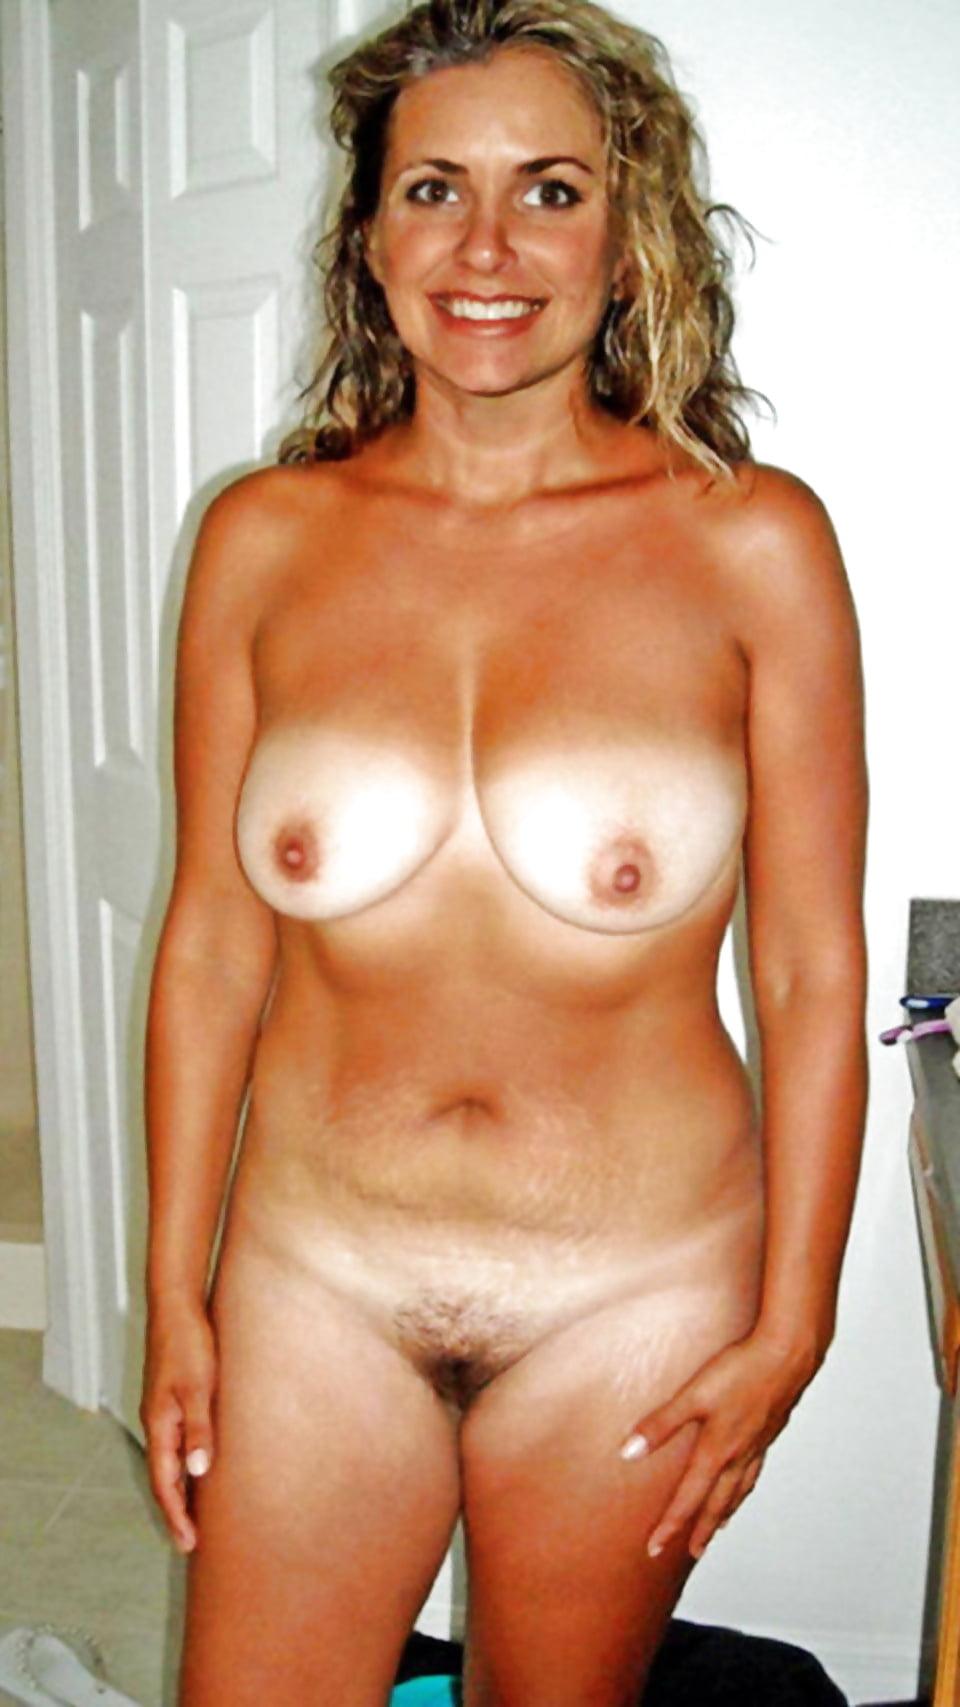 Nude amature tan, sexy battlestar galactica nude